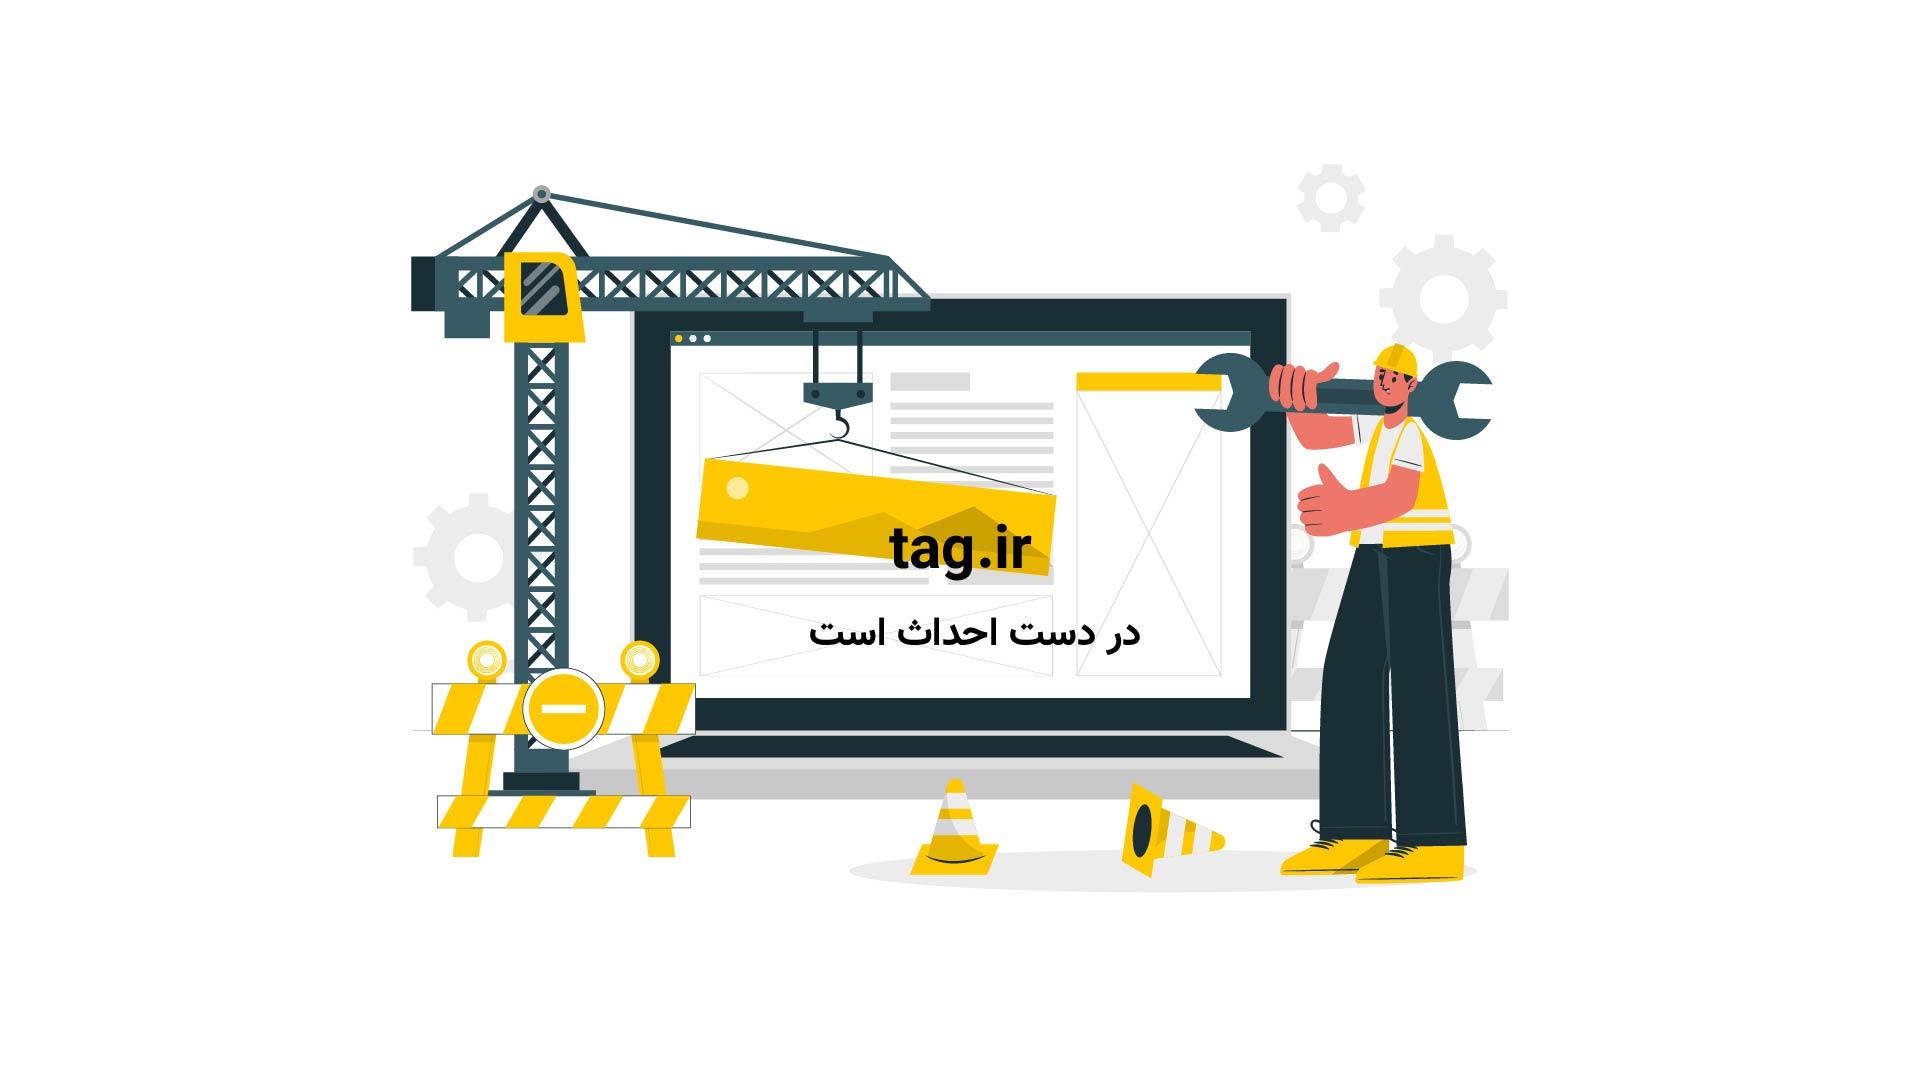 بازداشت 400 مظنون به همکاری با داعش در ترکیه | فیلم